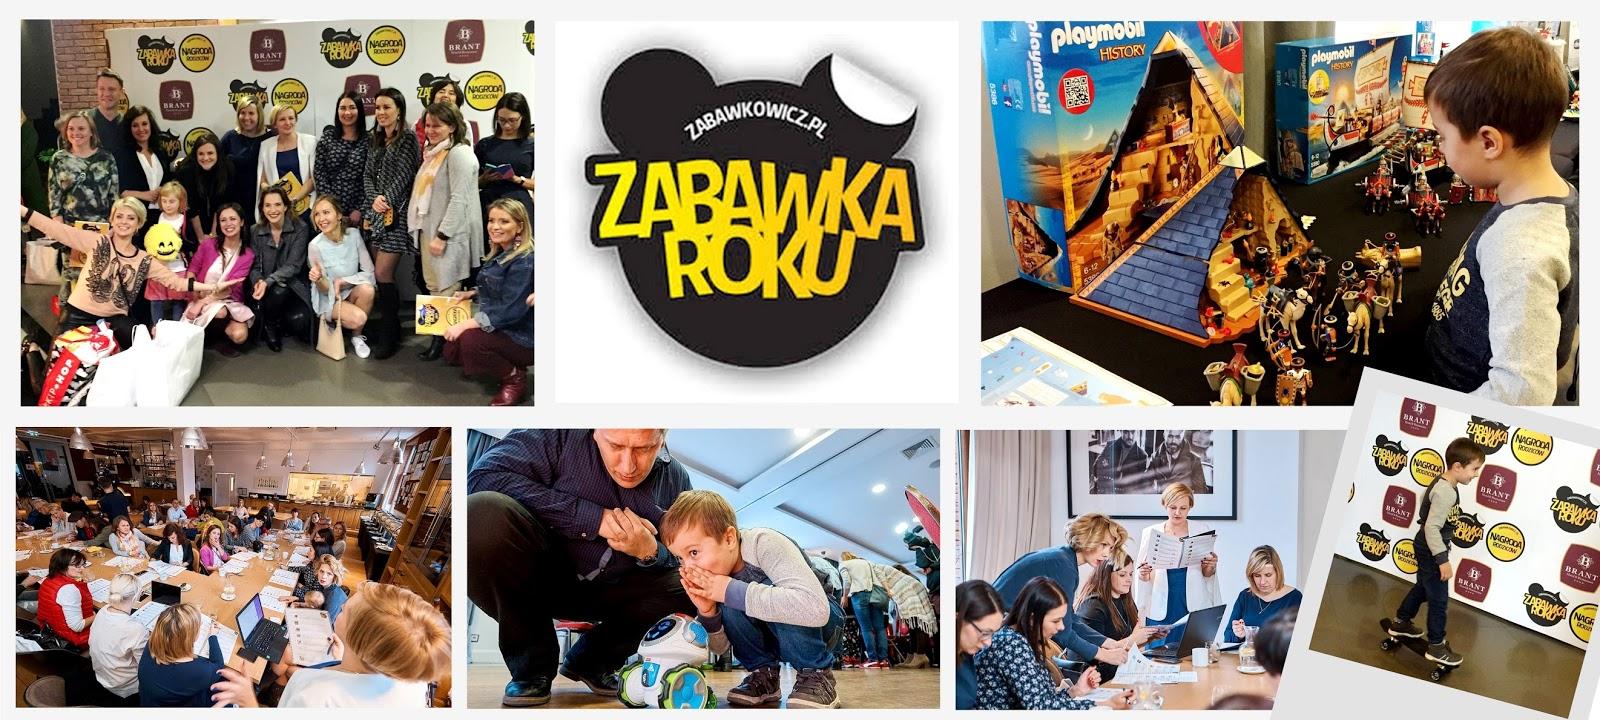 VIII edycja Zabawki Roku - Najlepsze zabawki i gadżety dla dzieci wybrane!